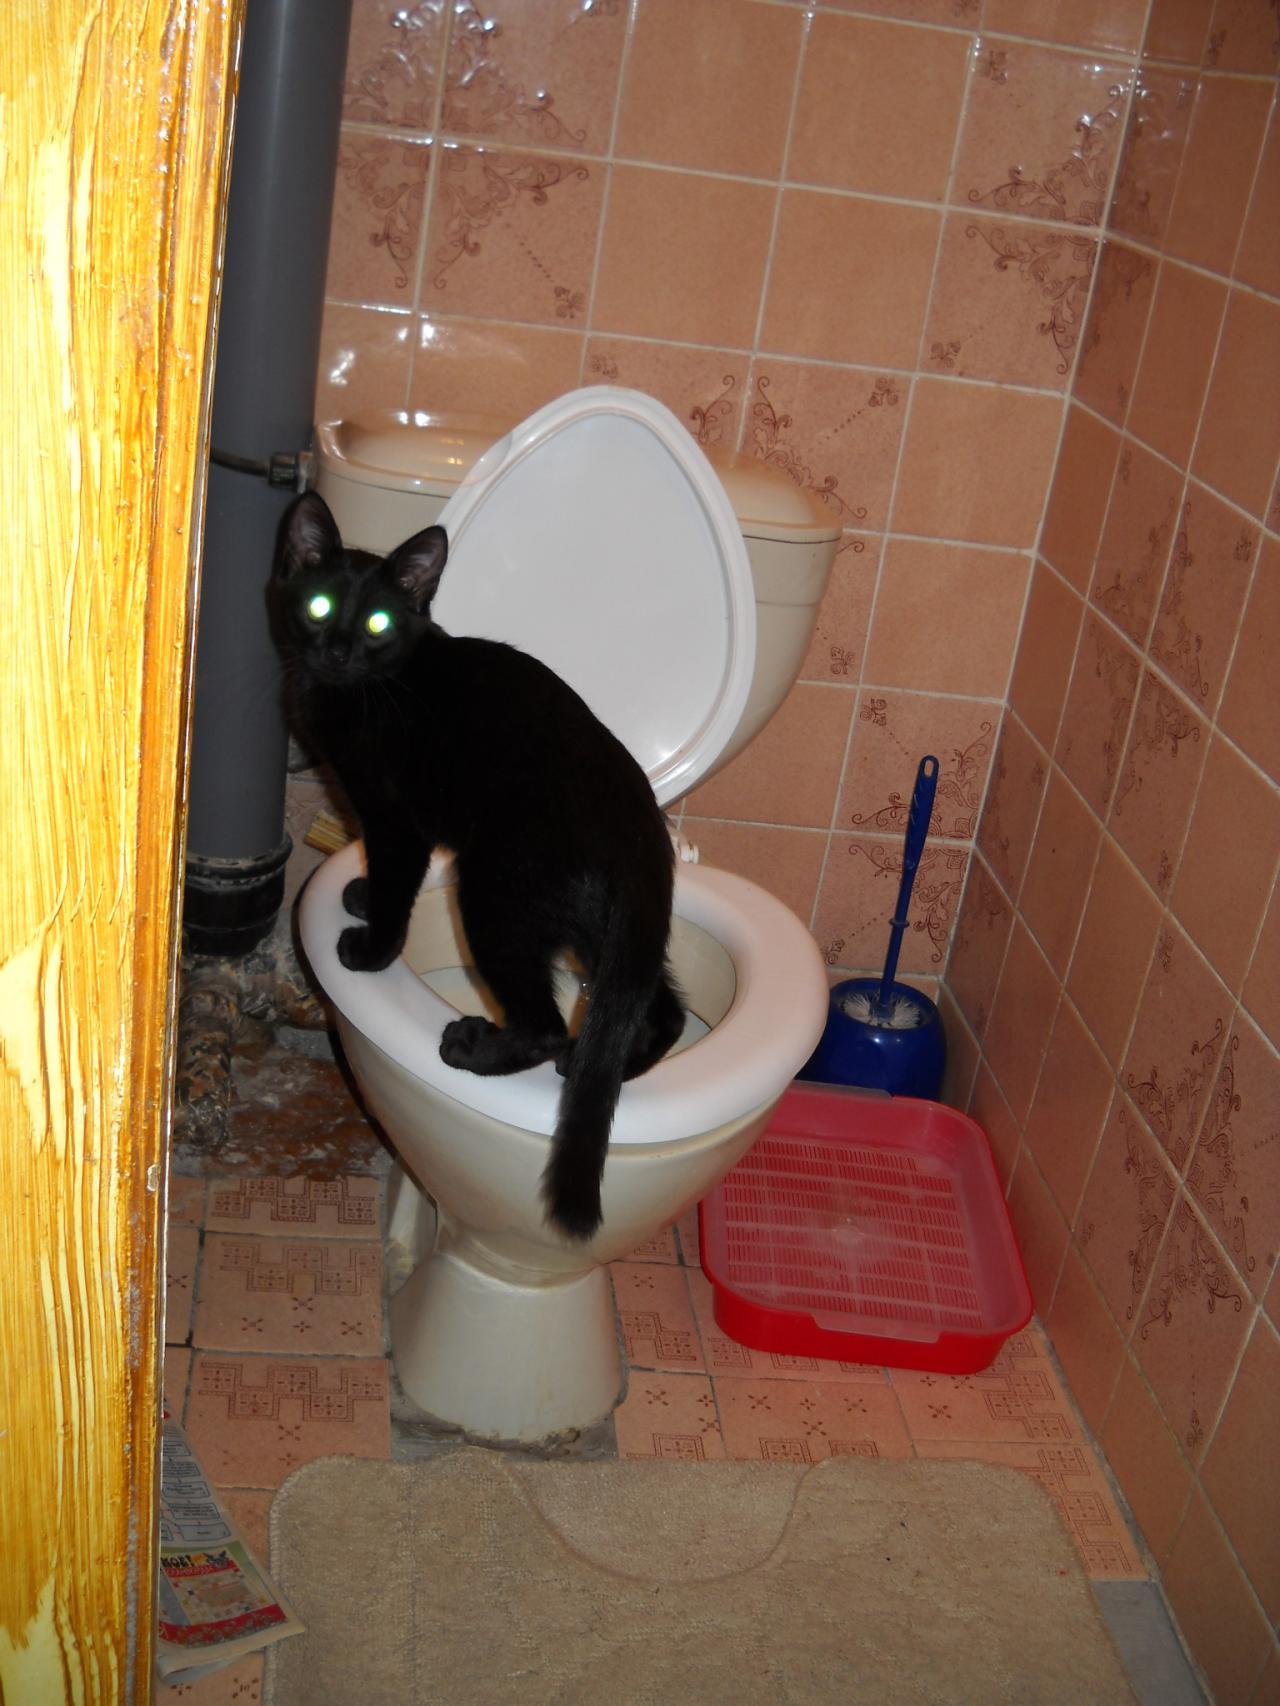 Не хожу в туалет по большому 2 недели что делать